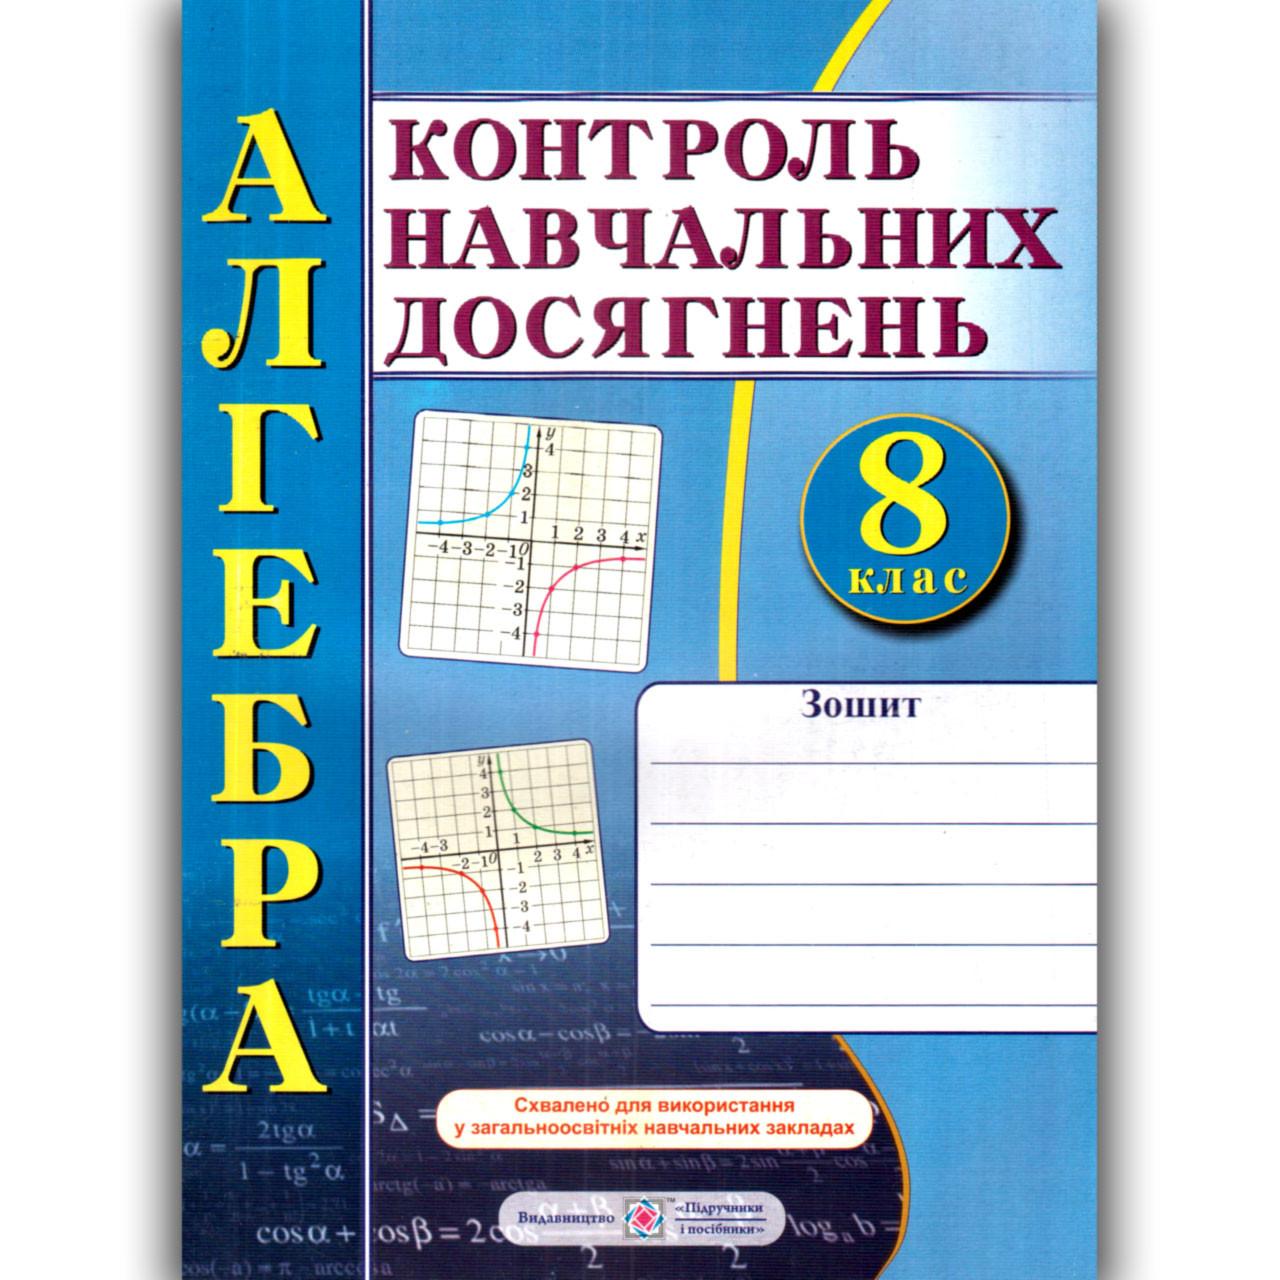 Контроль навчальних досягнень Алгебра 8 клас Авт: Кравчук В. Вид: Підручники і Посібники